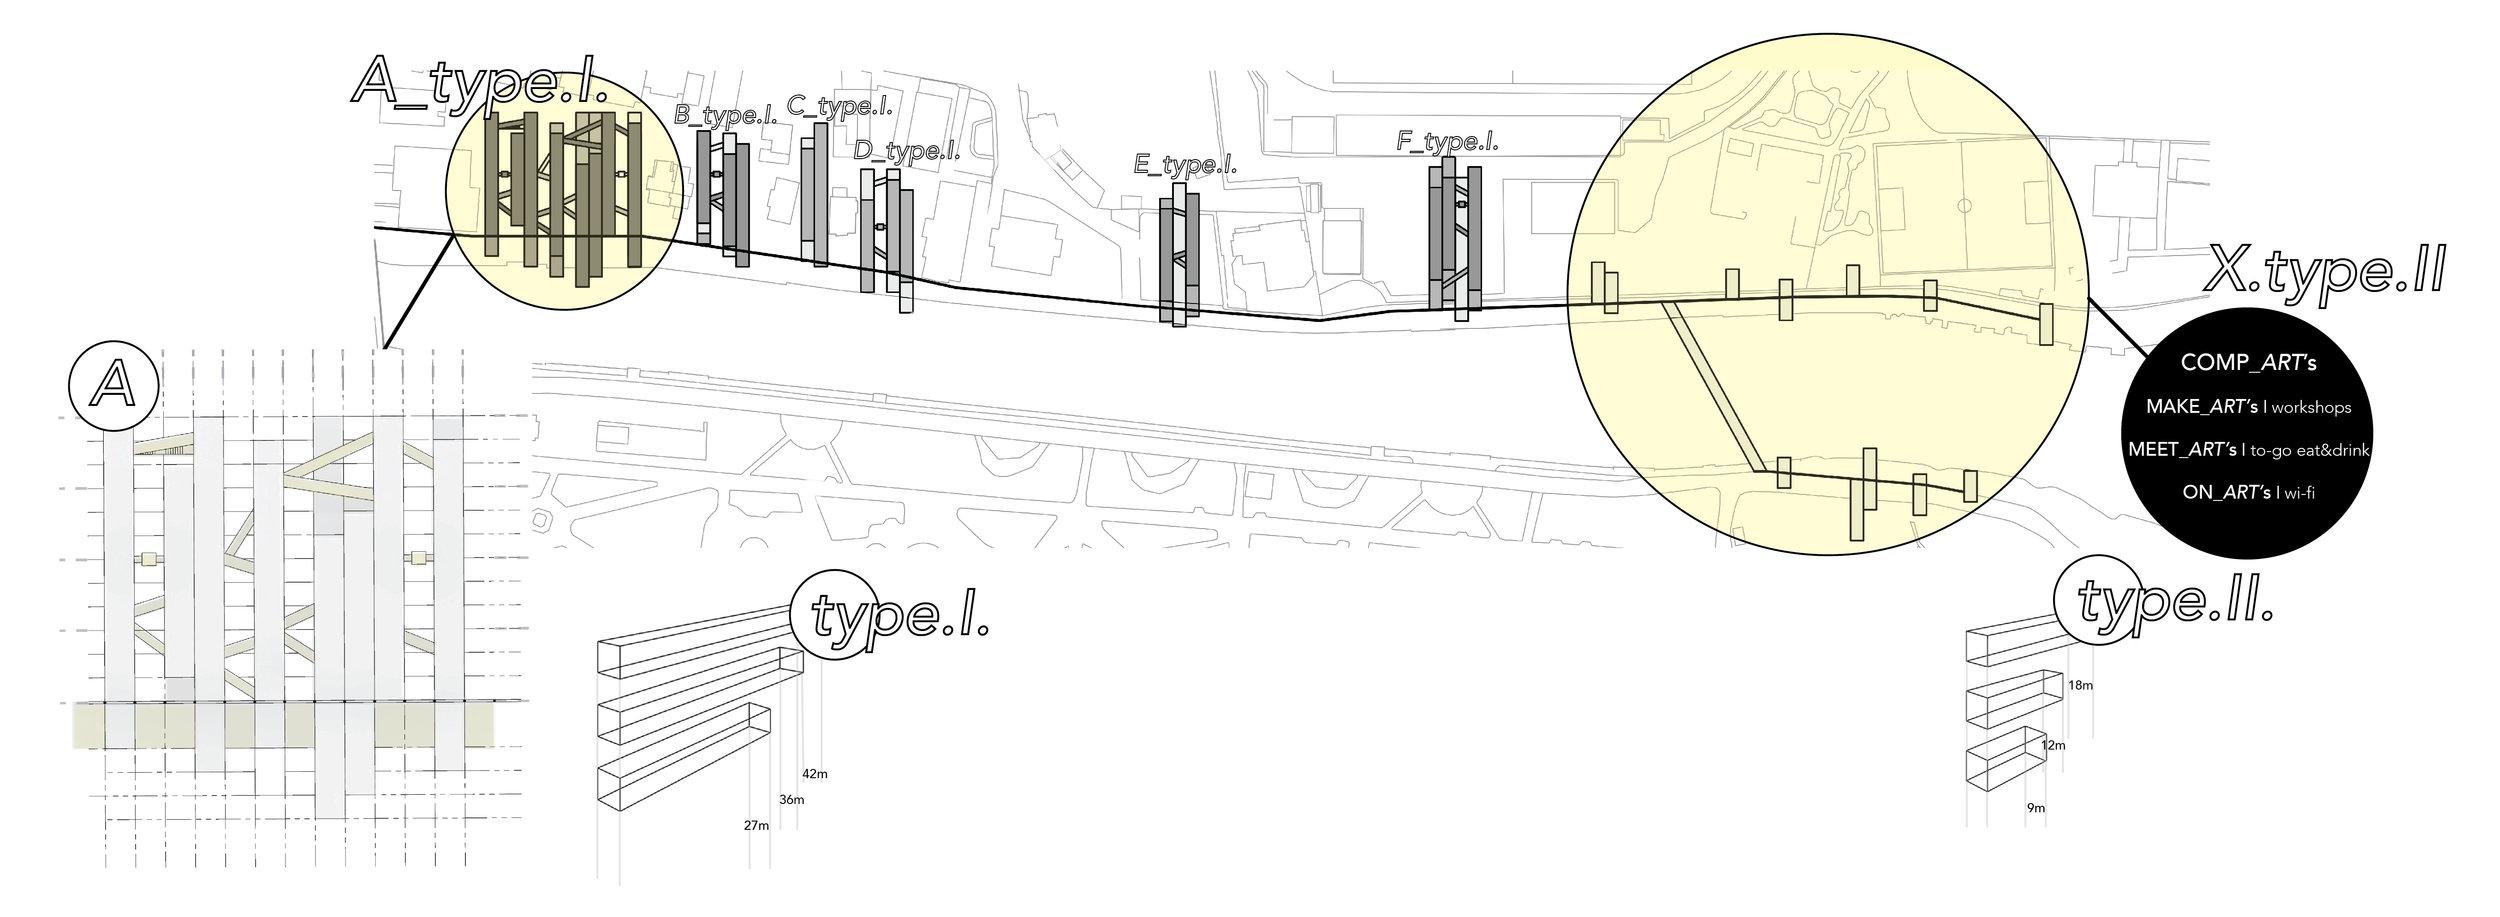 compart-diagram-08.jpg